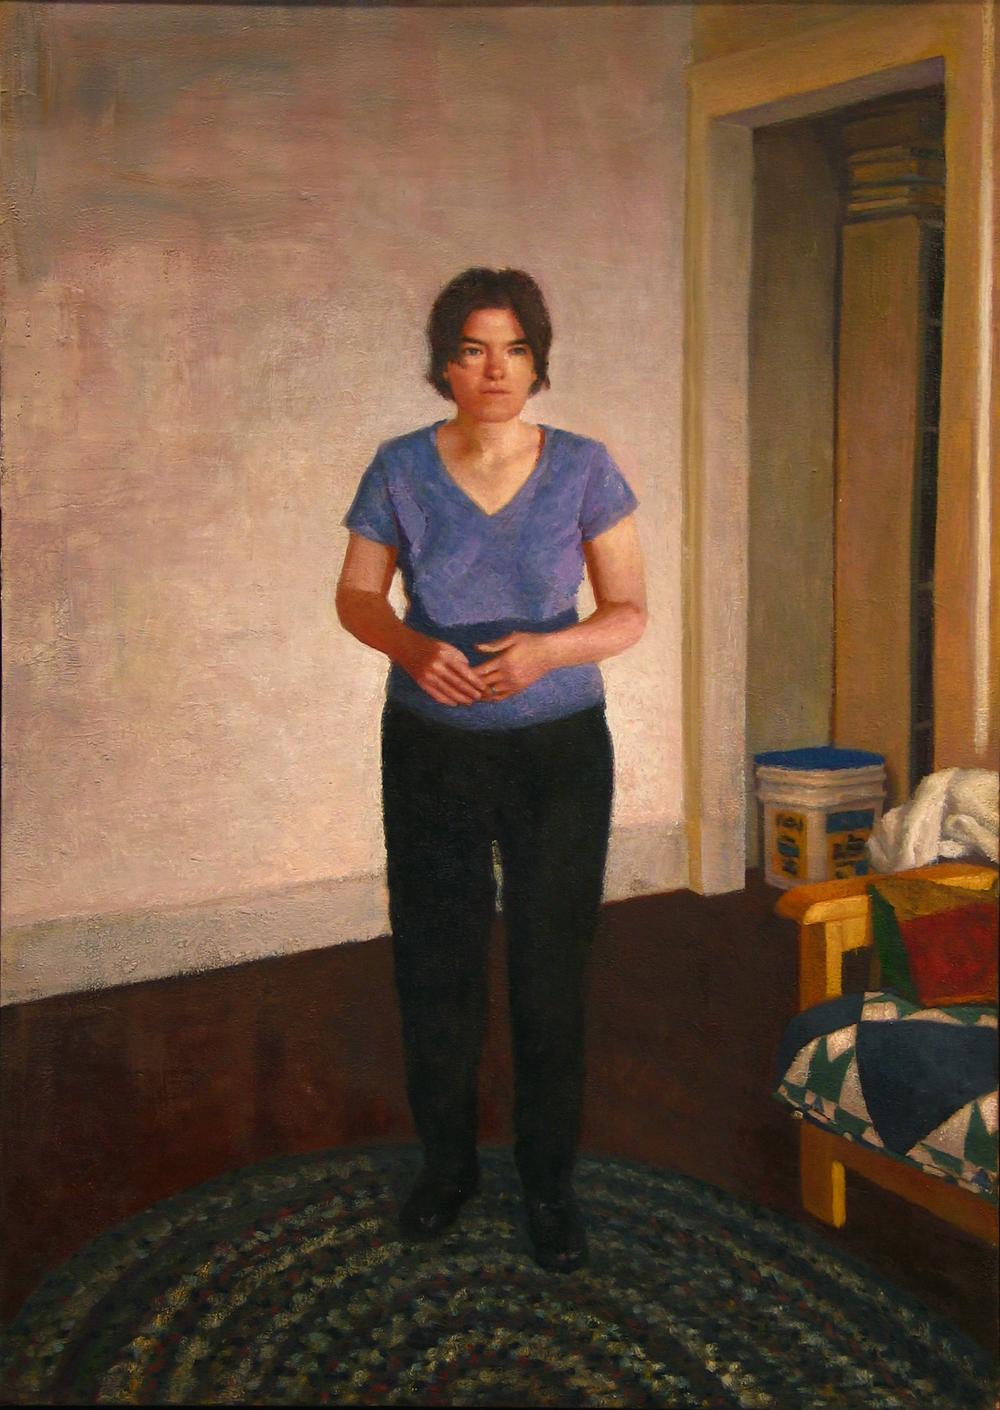 Daniene, 2003